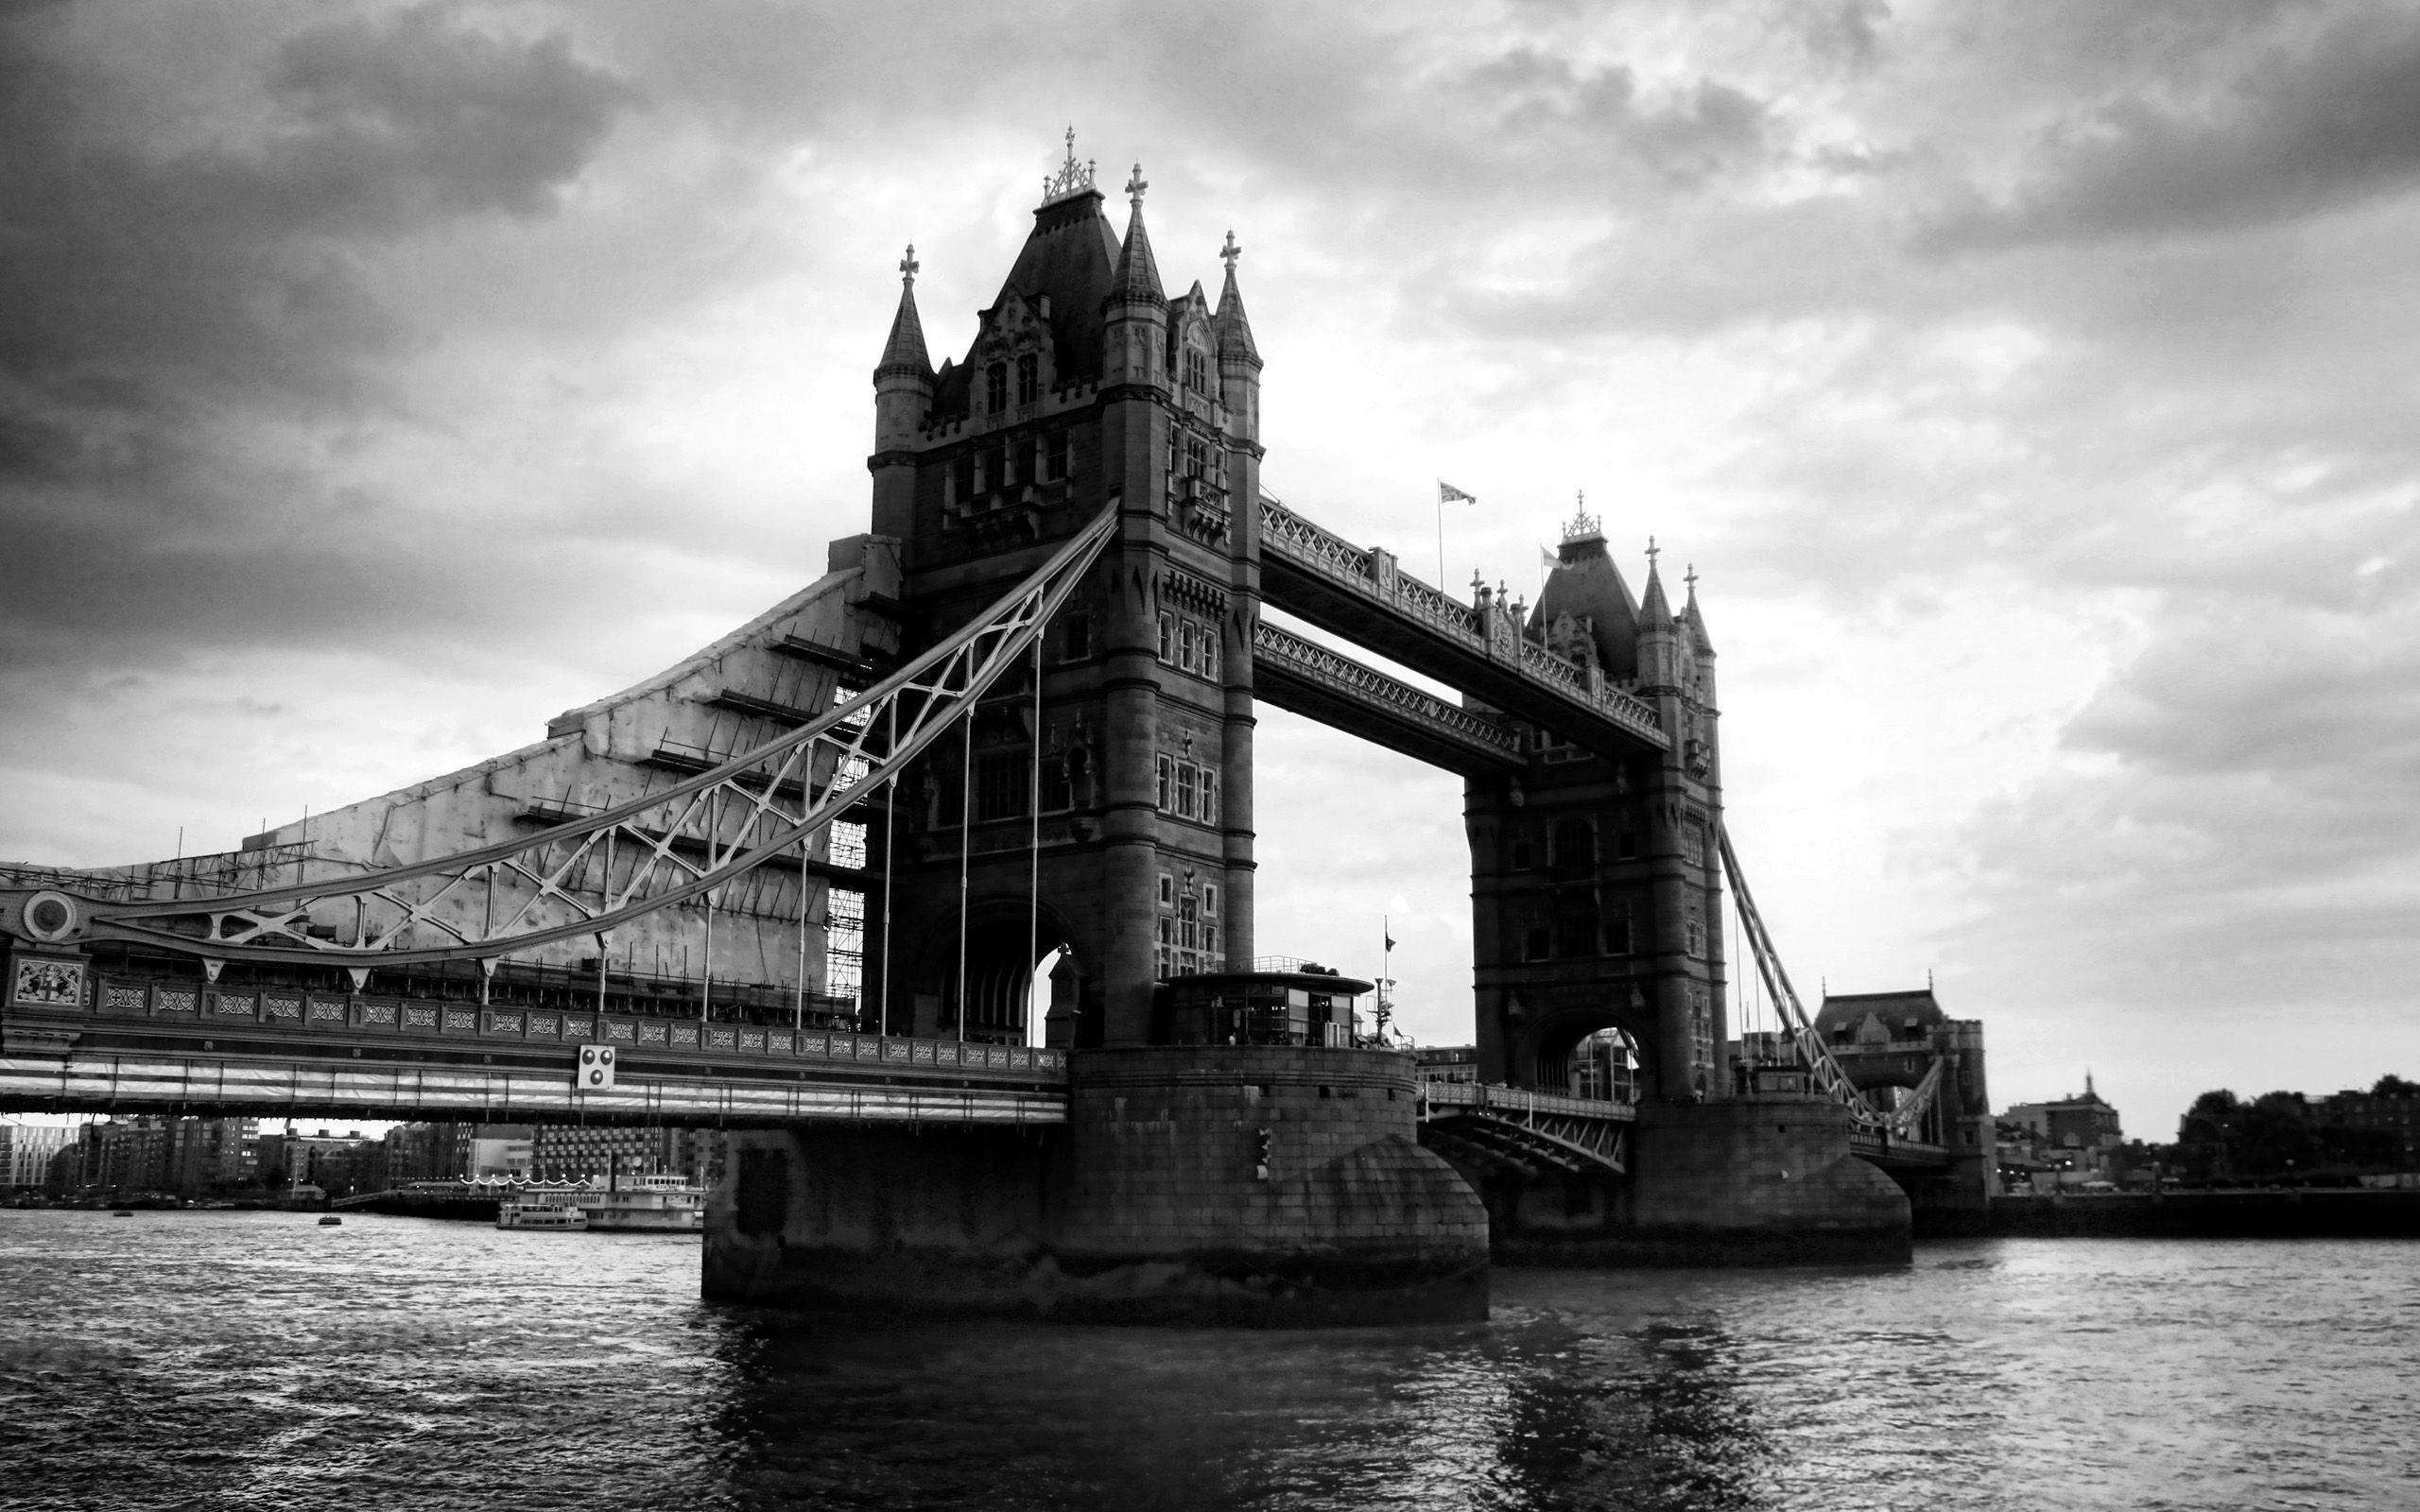 London Bridge Wallpapers - Wallpaper Cave